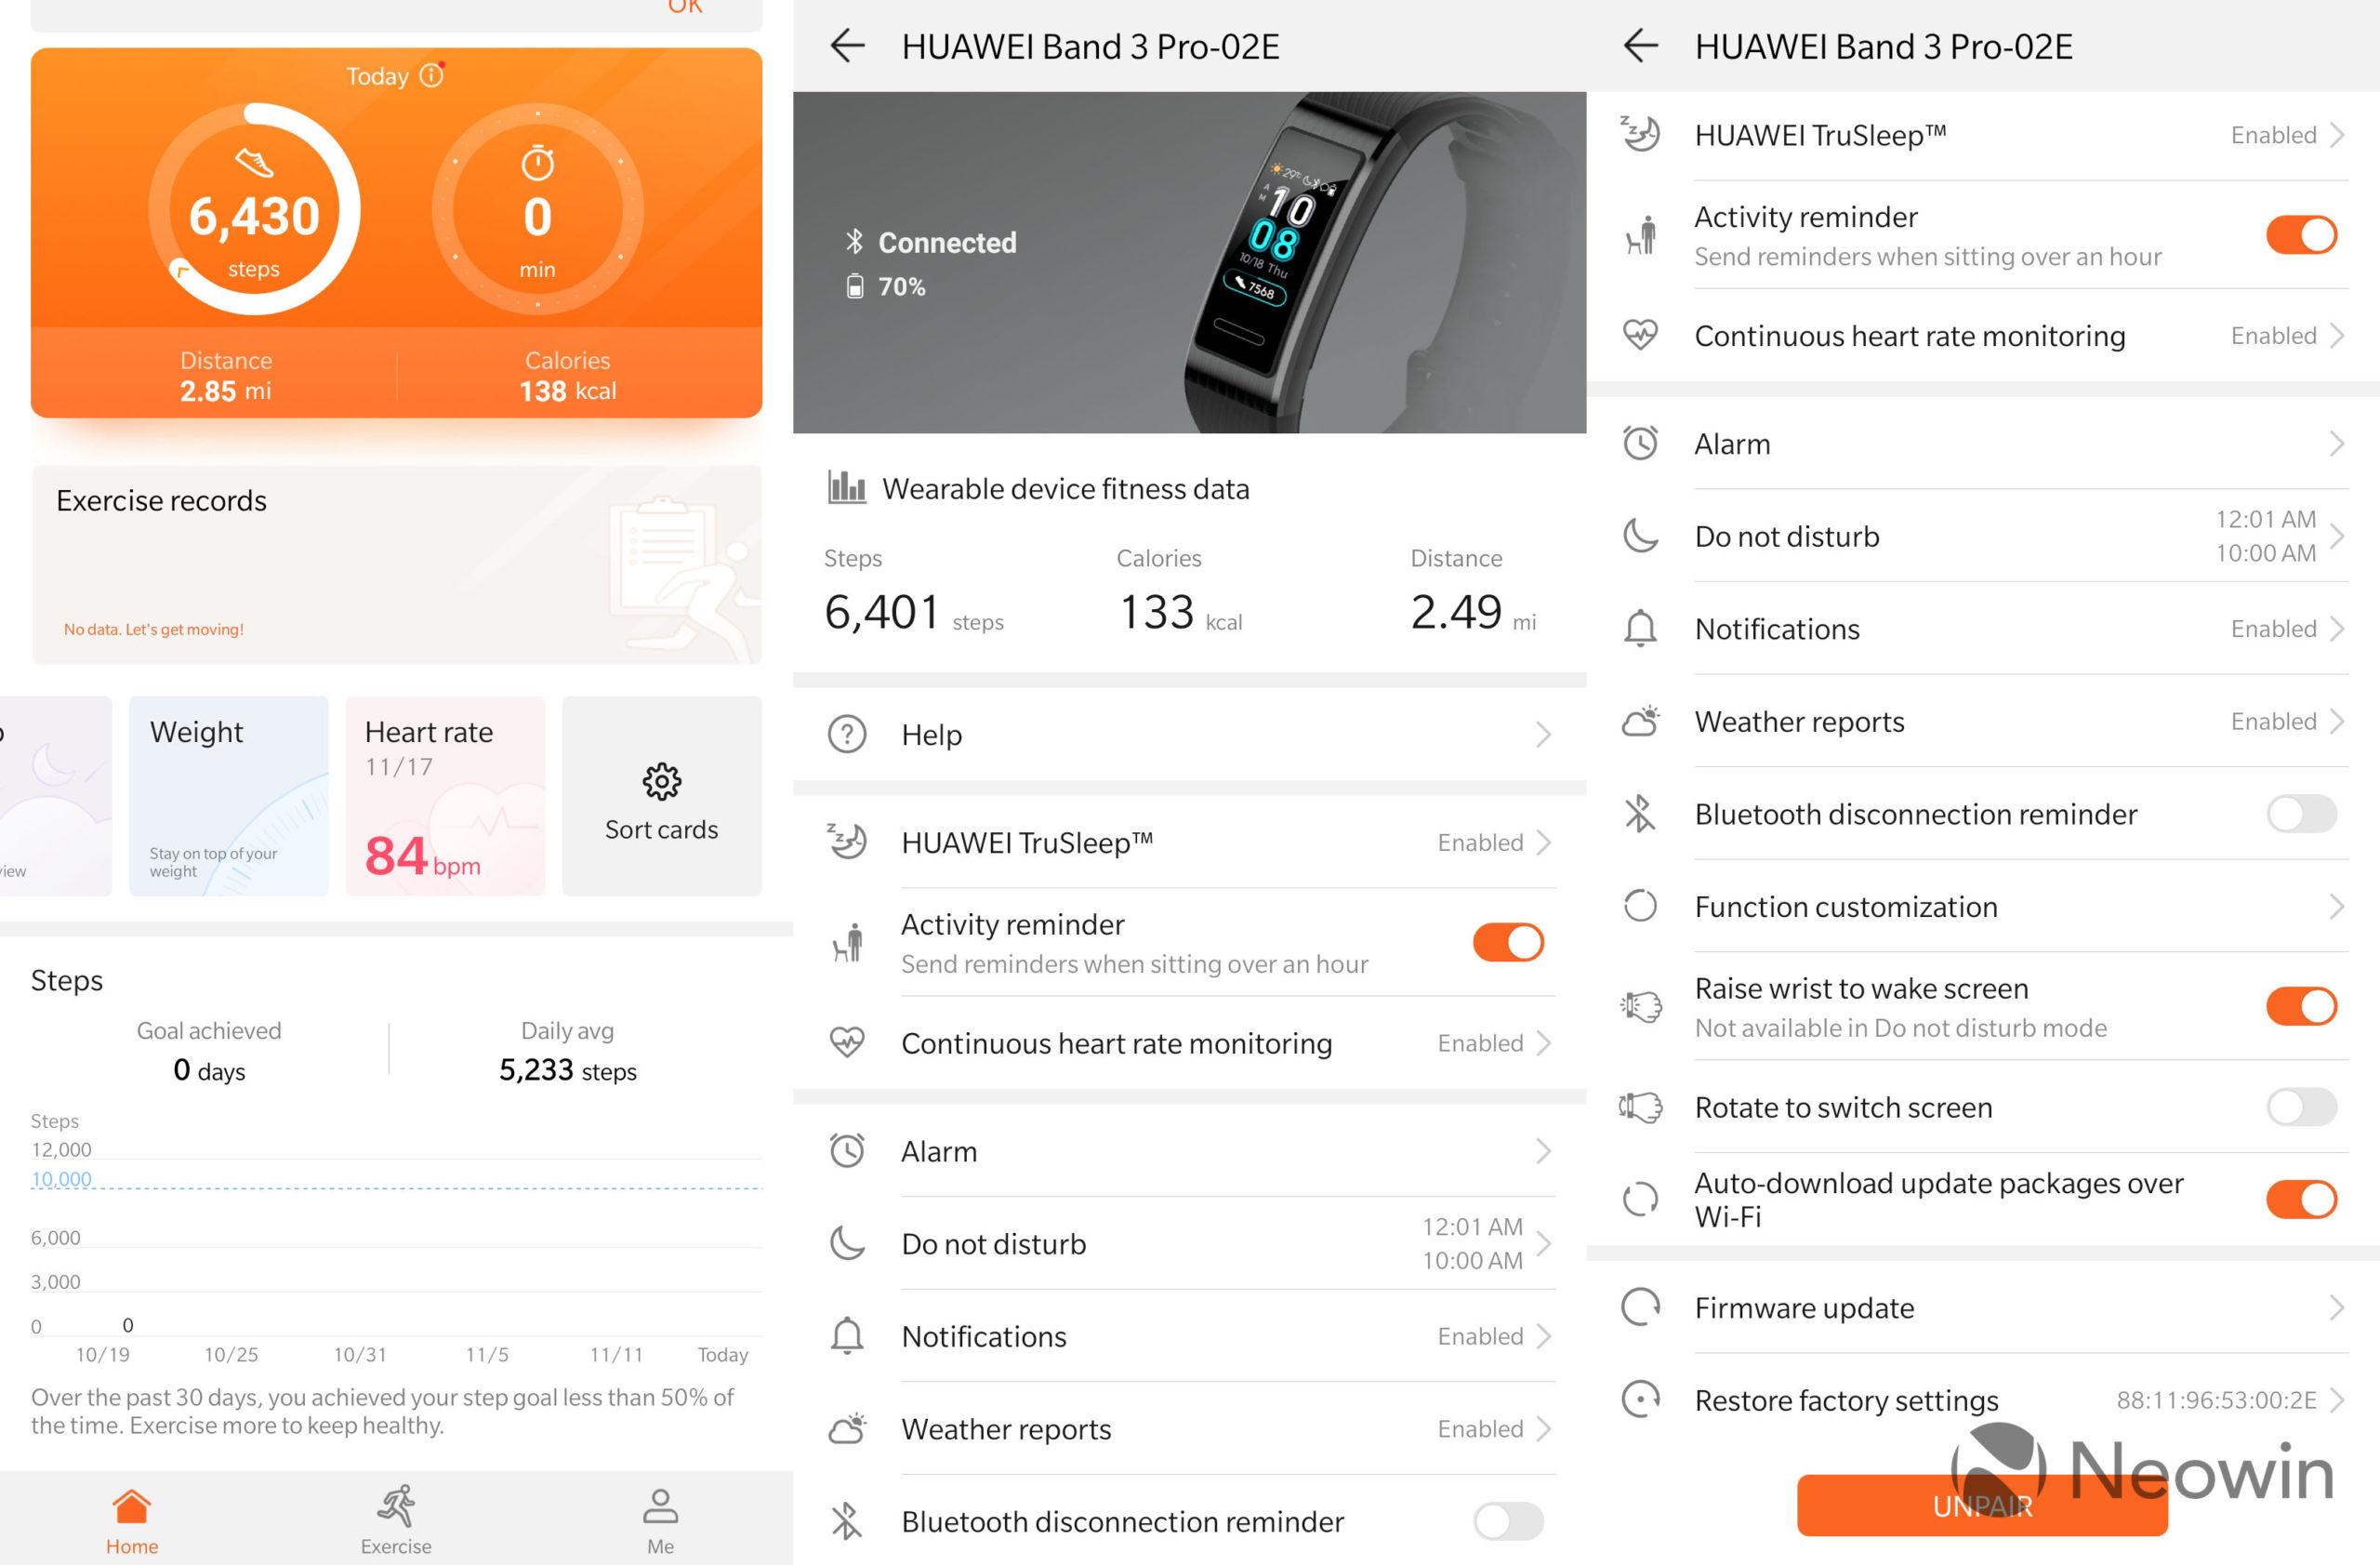 Los problemas de datos de sueño de la aplicación Huawei Health se resolvieron con la última actualización